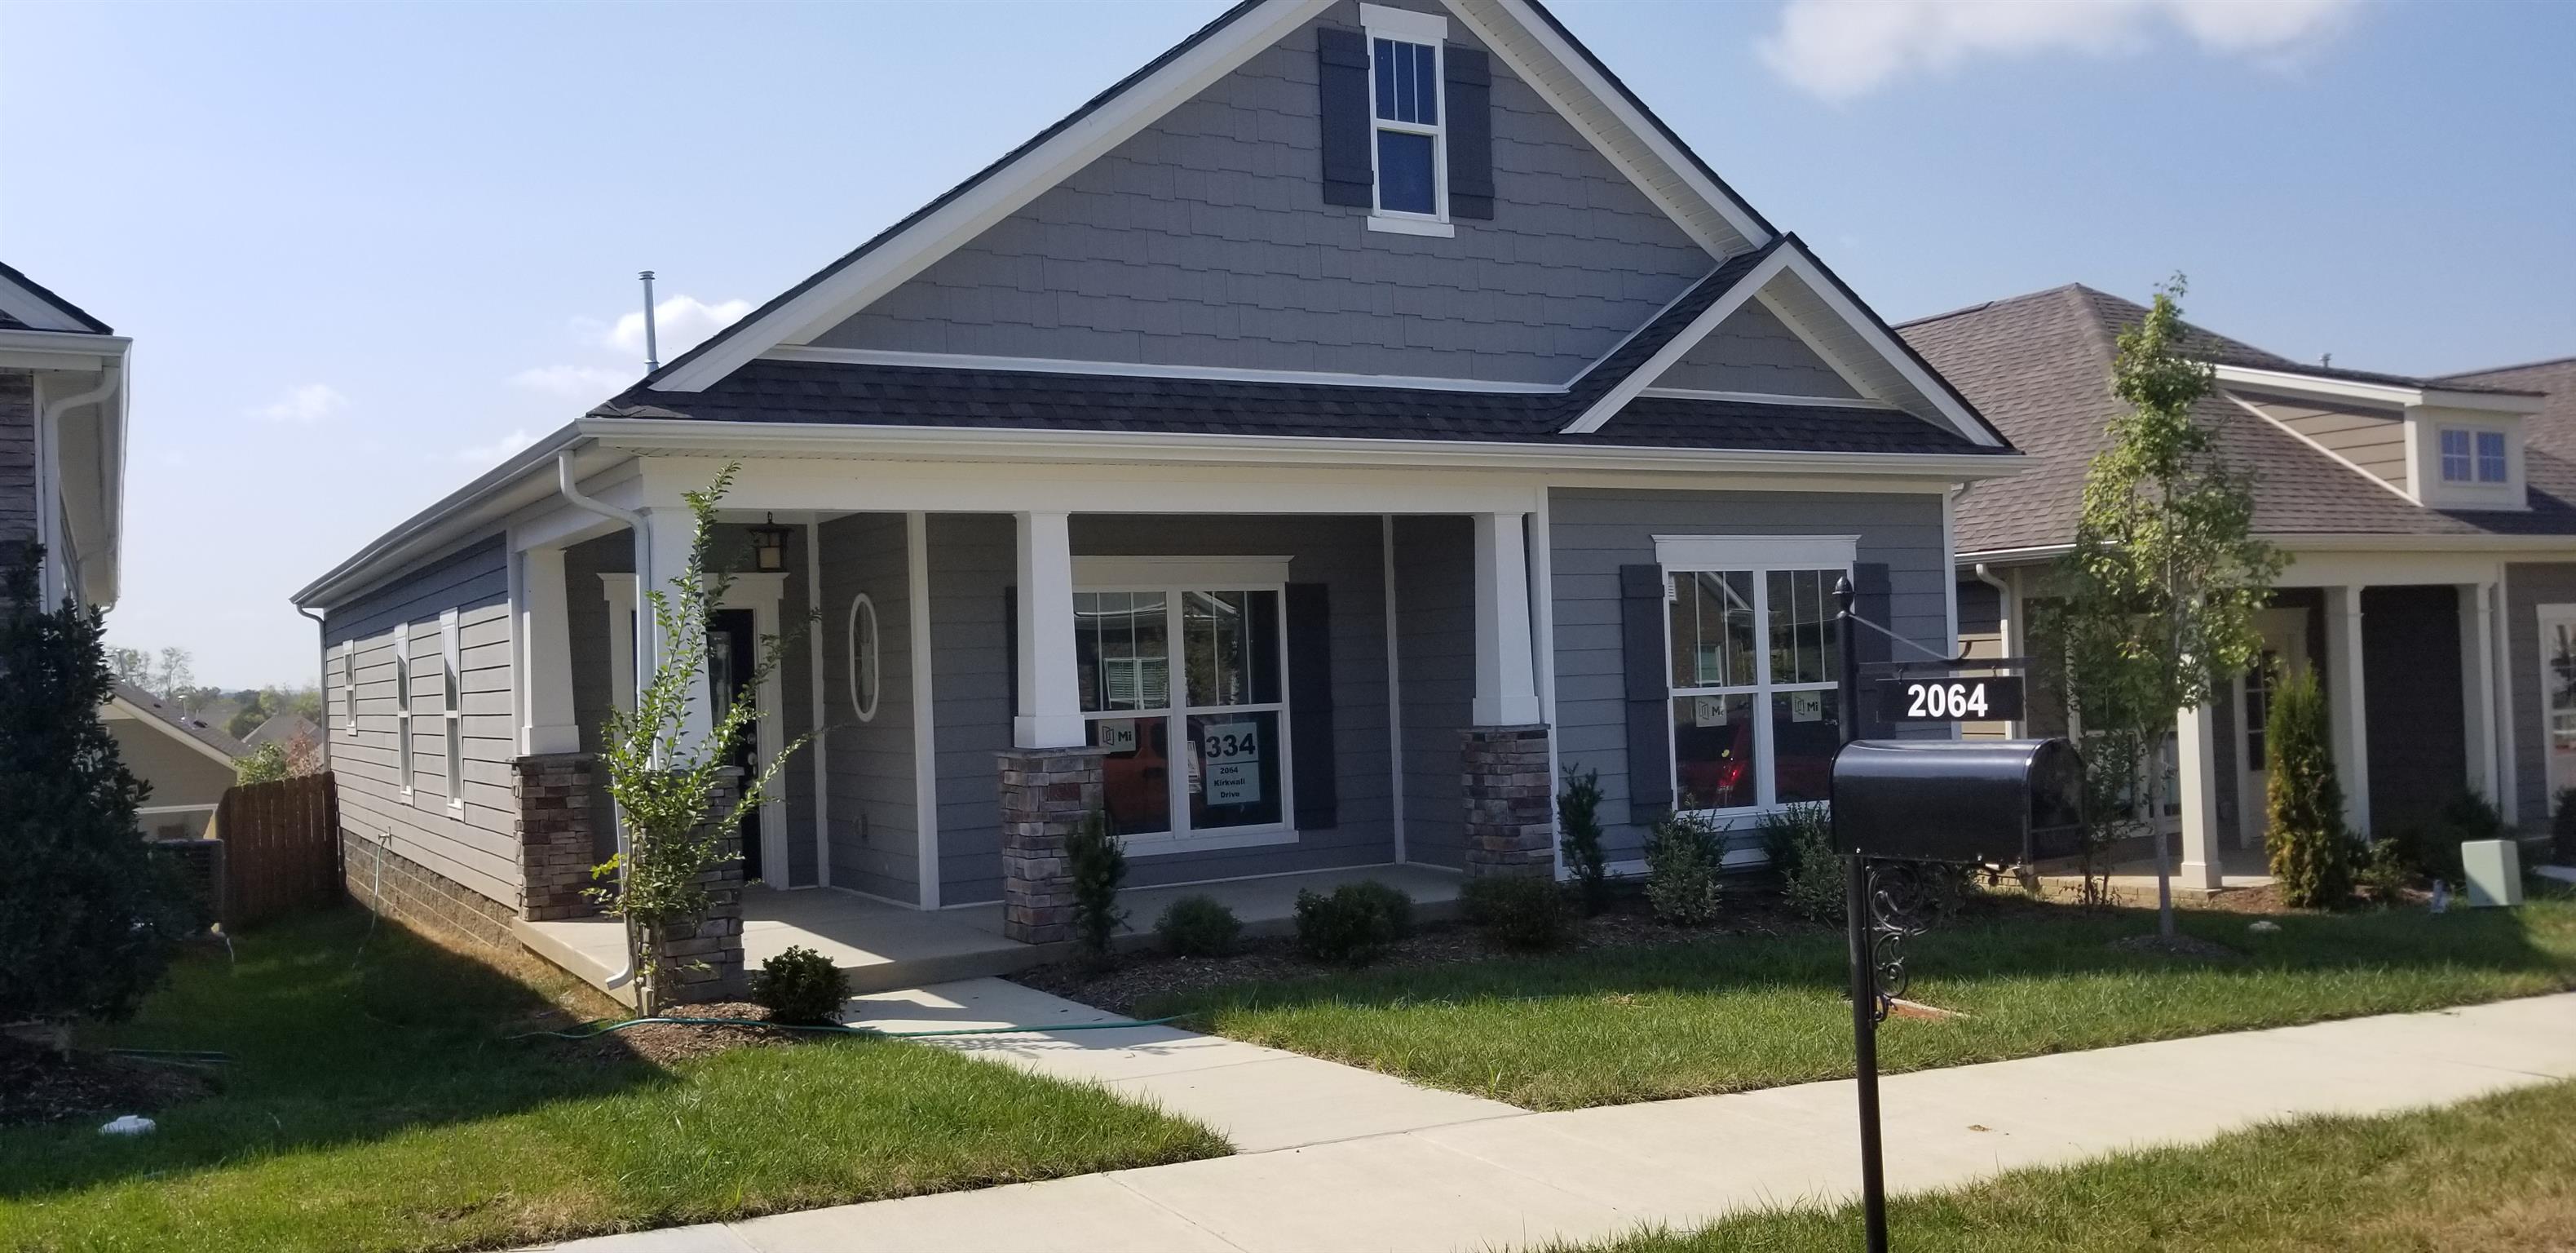 2064 Kirkwall Dr. #334, Nolensville, TN 37135 - Nolensville, TN real estate listing